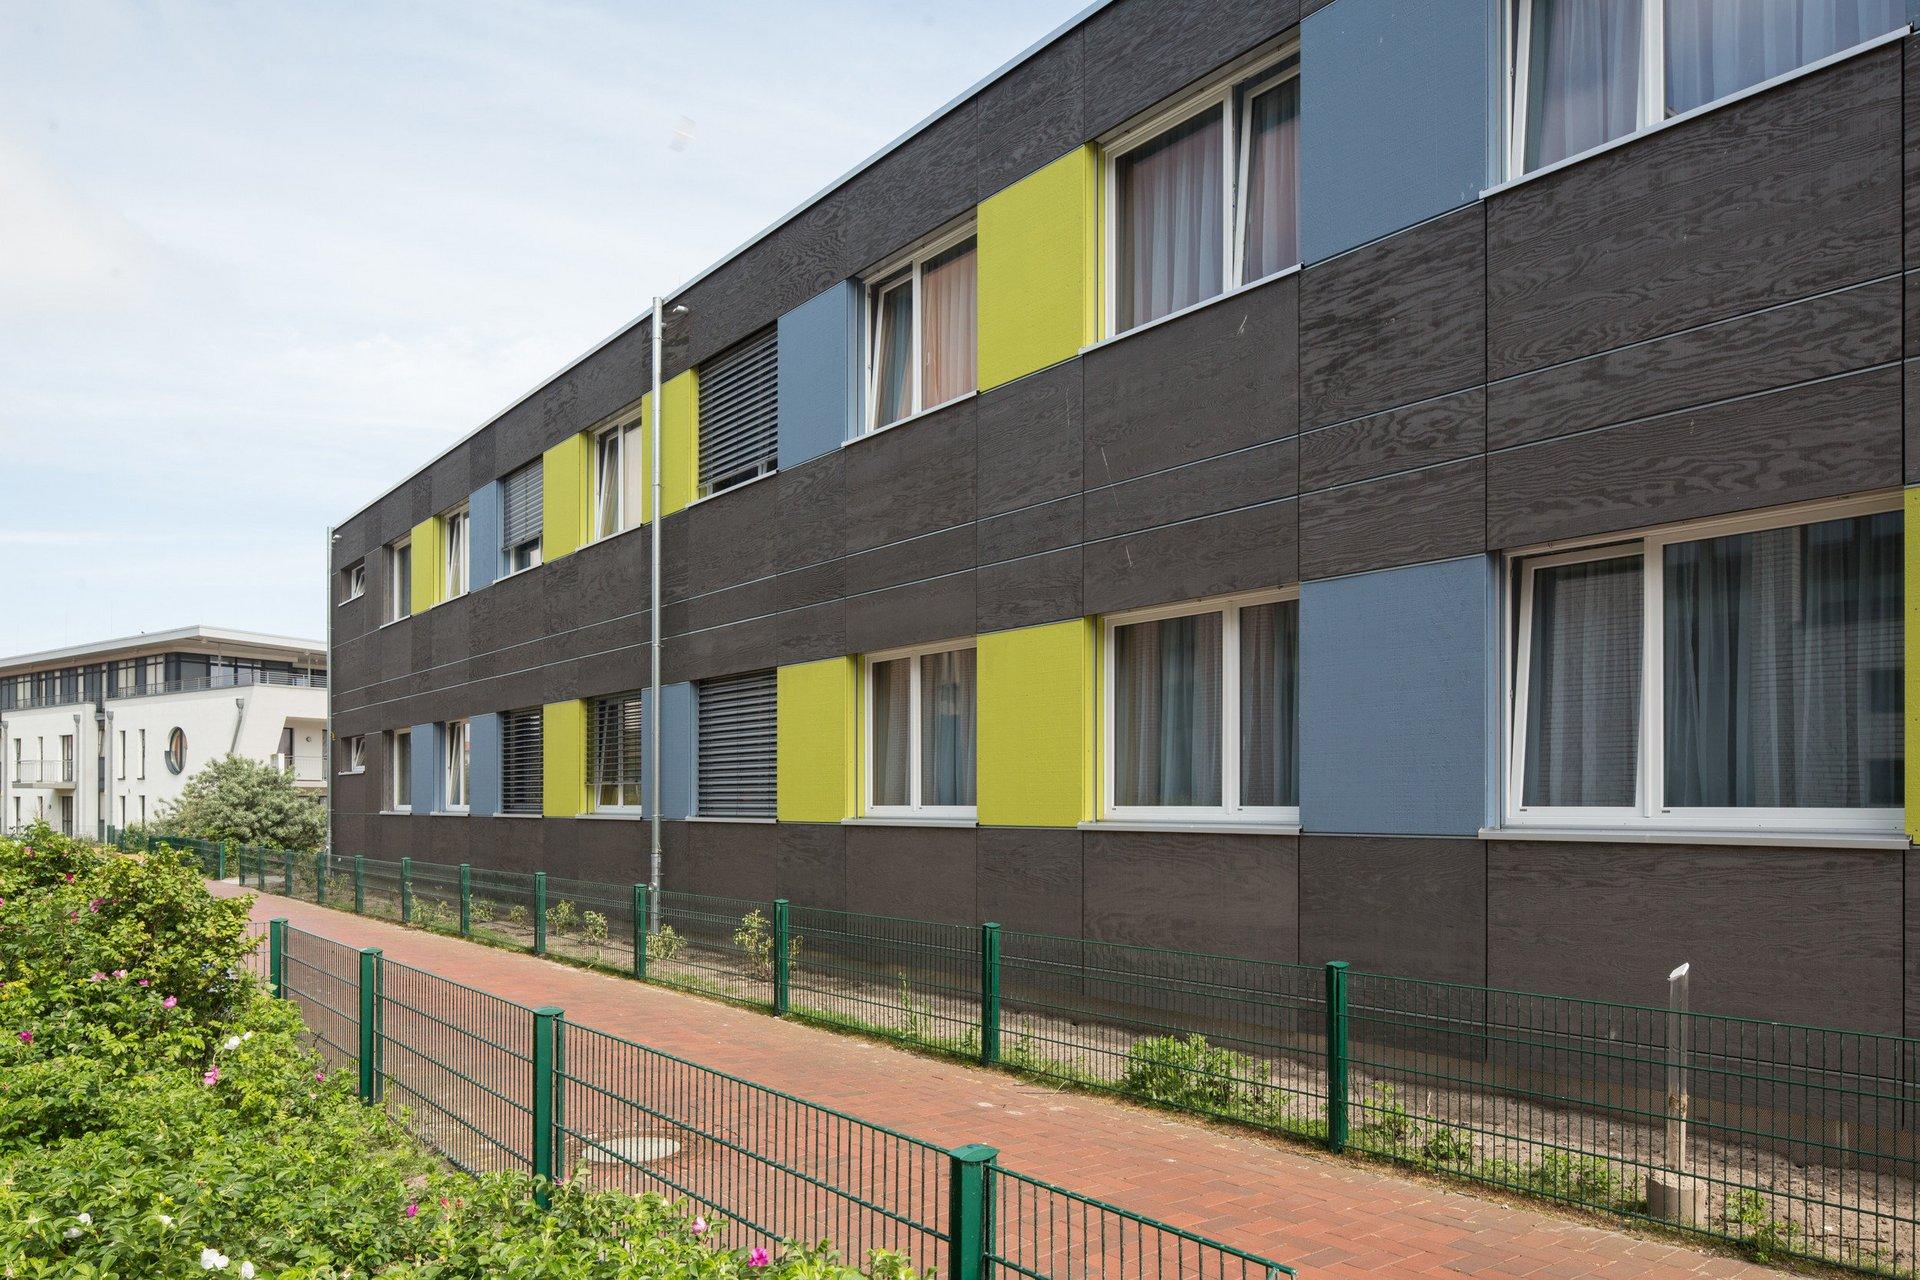 Fenêtres à double vantail, à agencement régulier (construction modulaire)